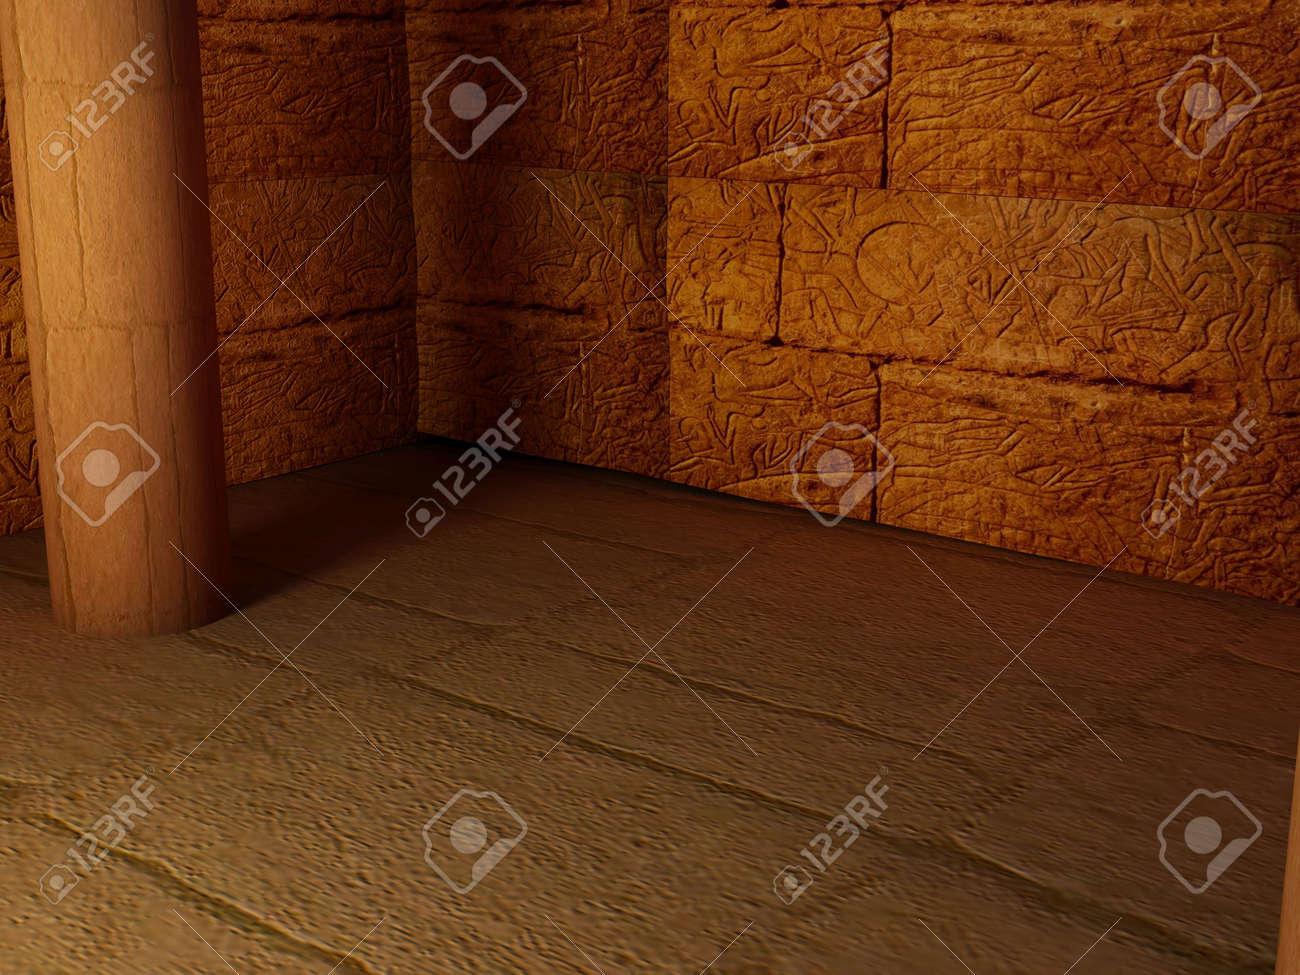 Bild Mit Hoher Auflösung Interieur Pyramide. Ägyptische Zimmer In ...